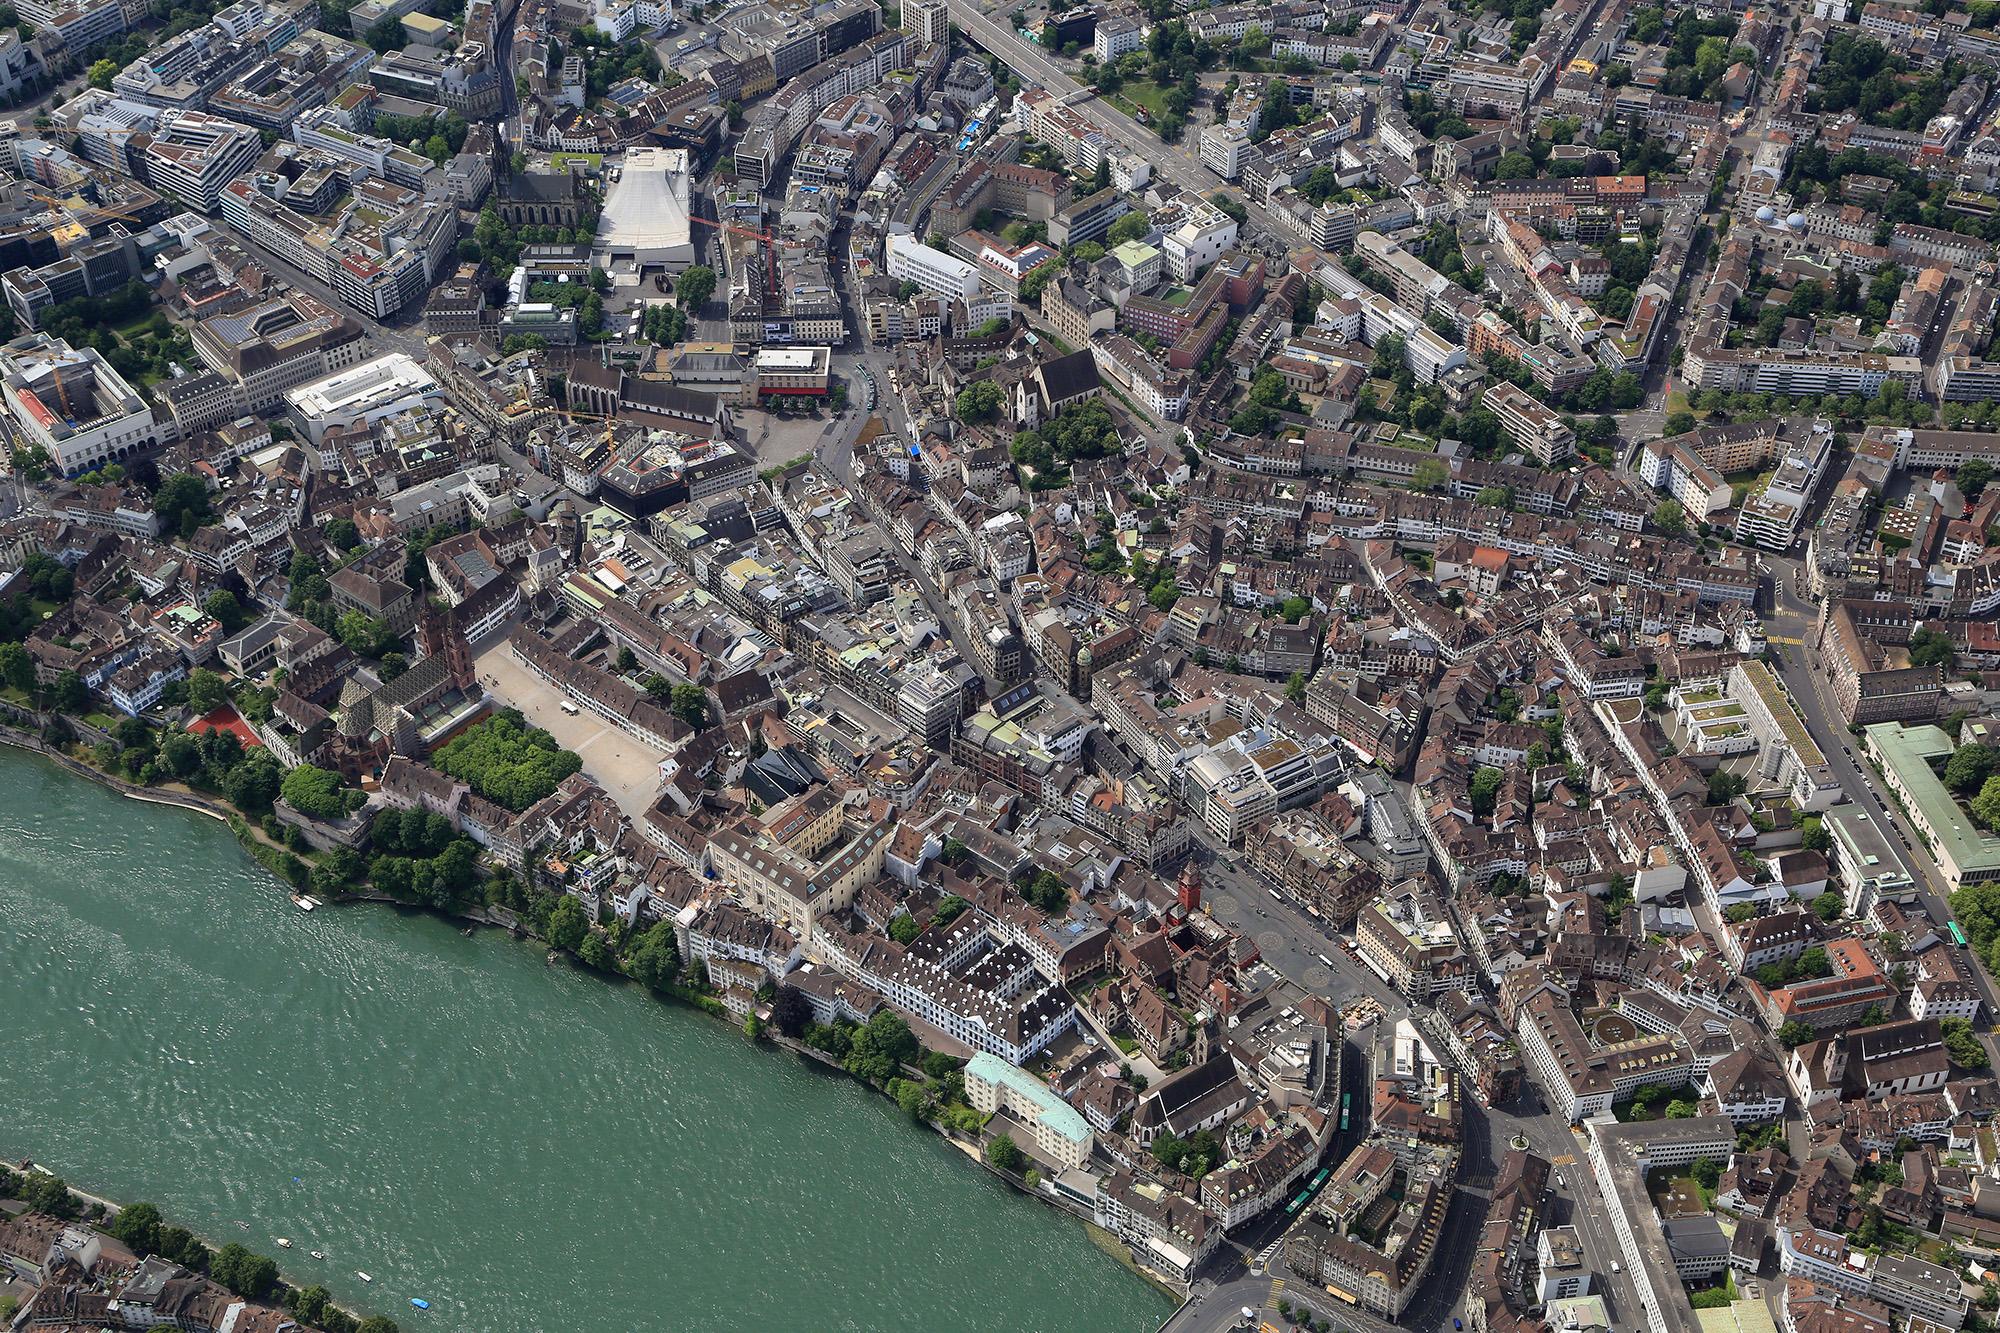 Der Vogelschaublick auf das Basel von heute